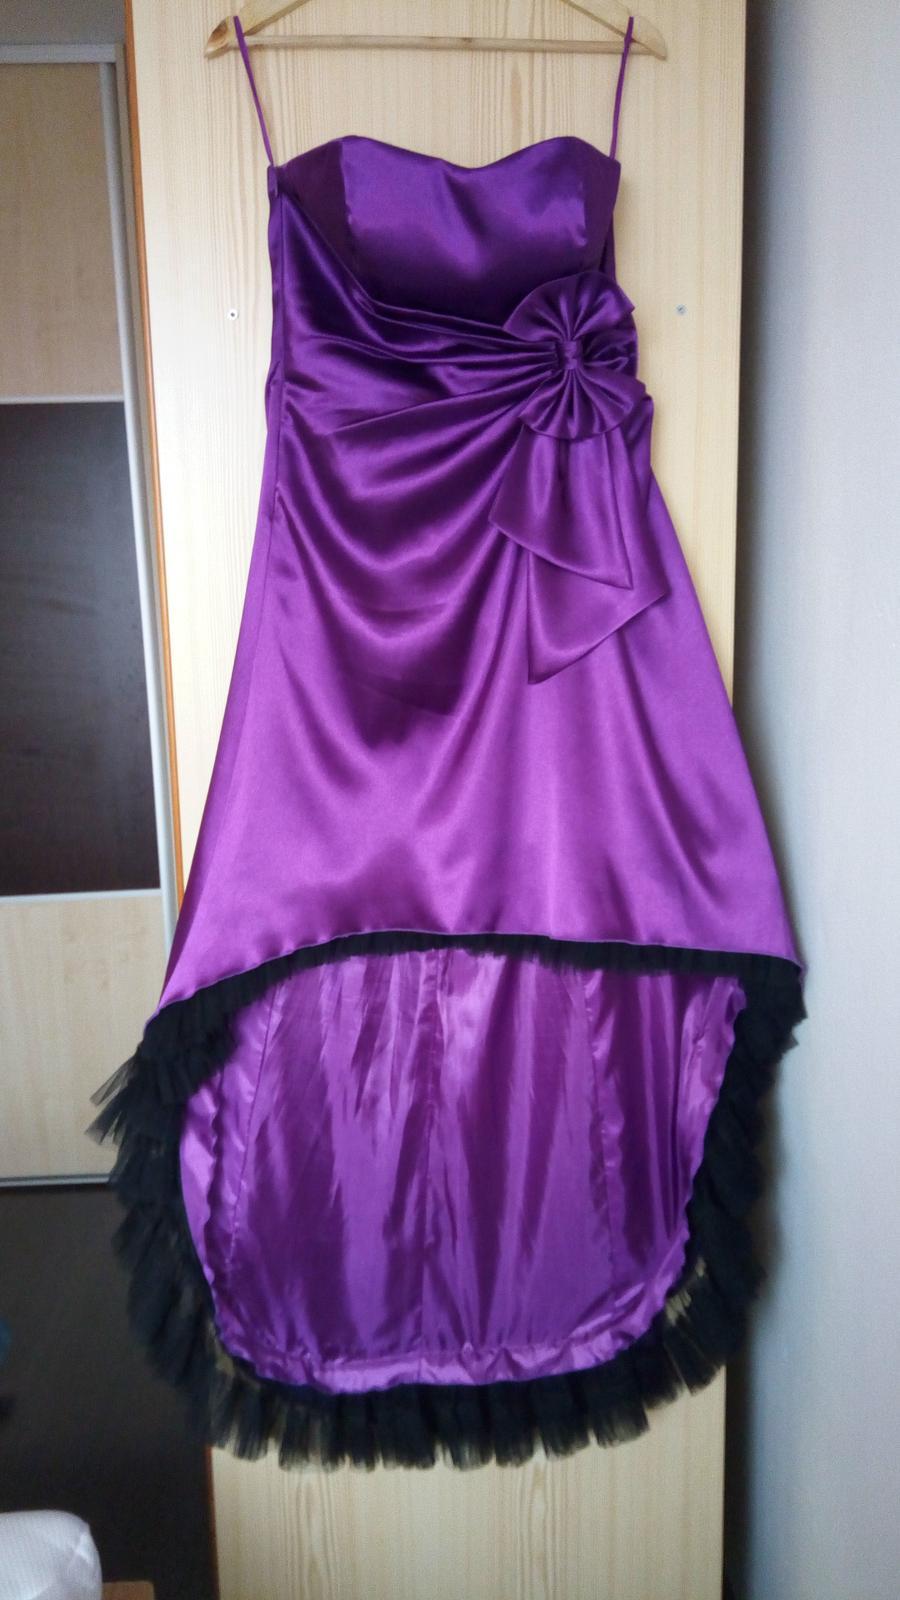 Fialové saténové šaty  - Obrázok č. 1